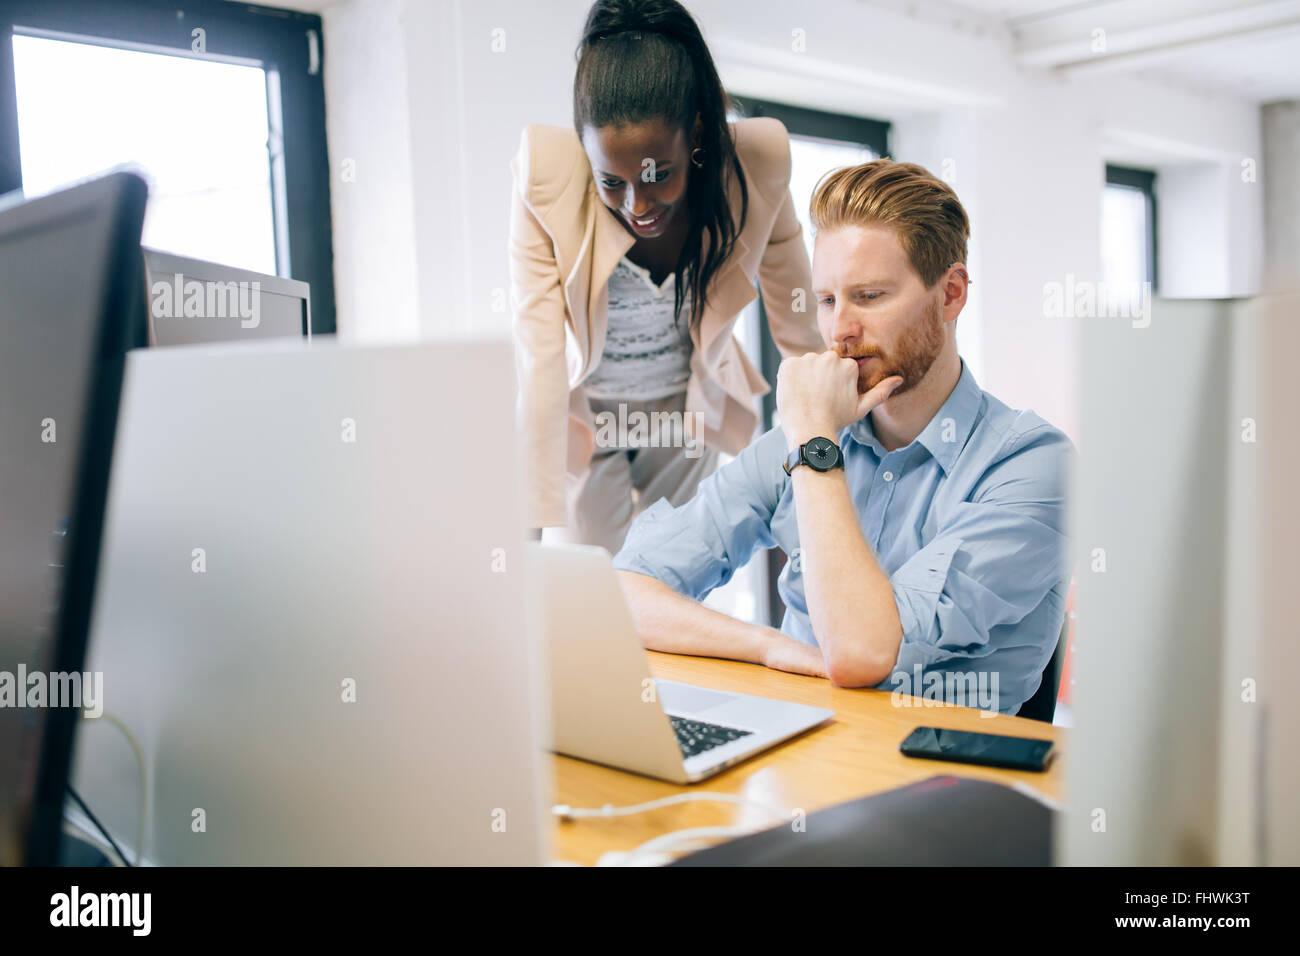 Supervisione di un collega durante il lavoro in ufficio Immagini Stock